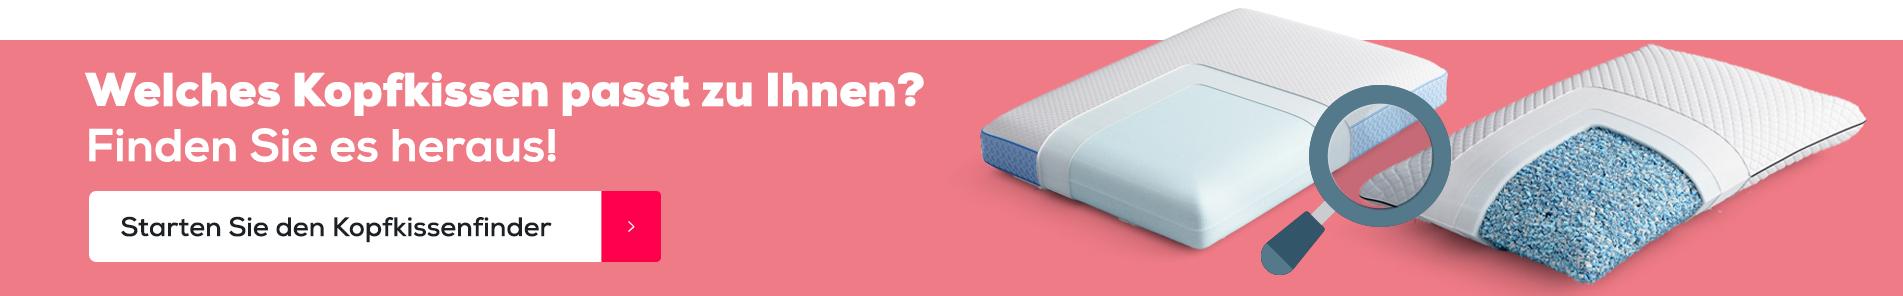 Kopfkissenfinder | Swiss Sense